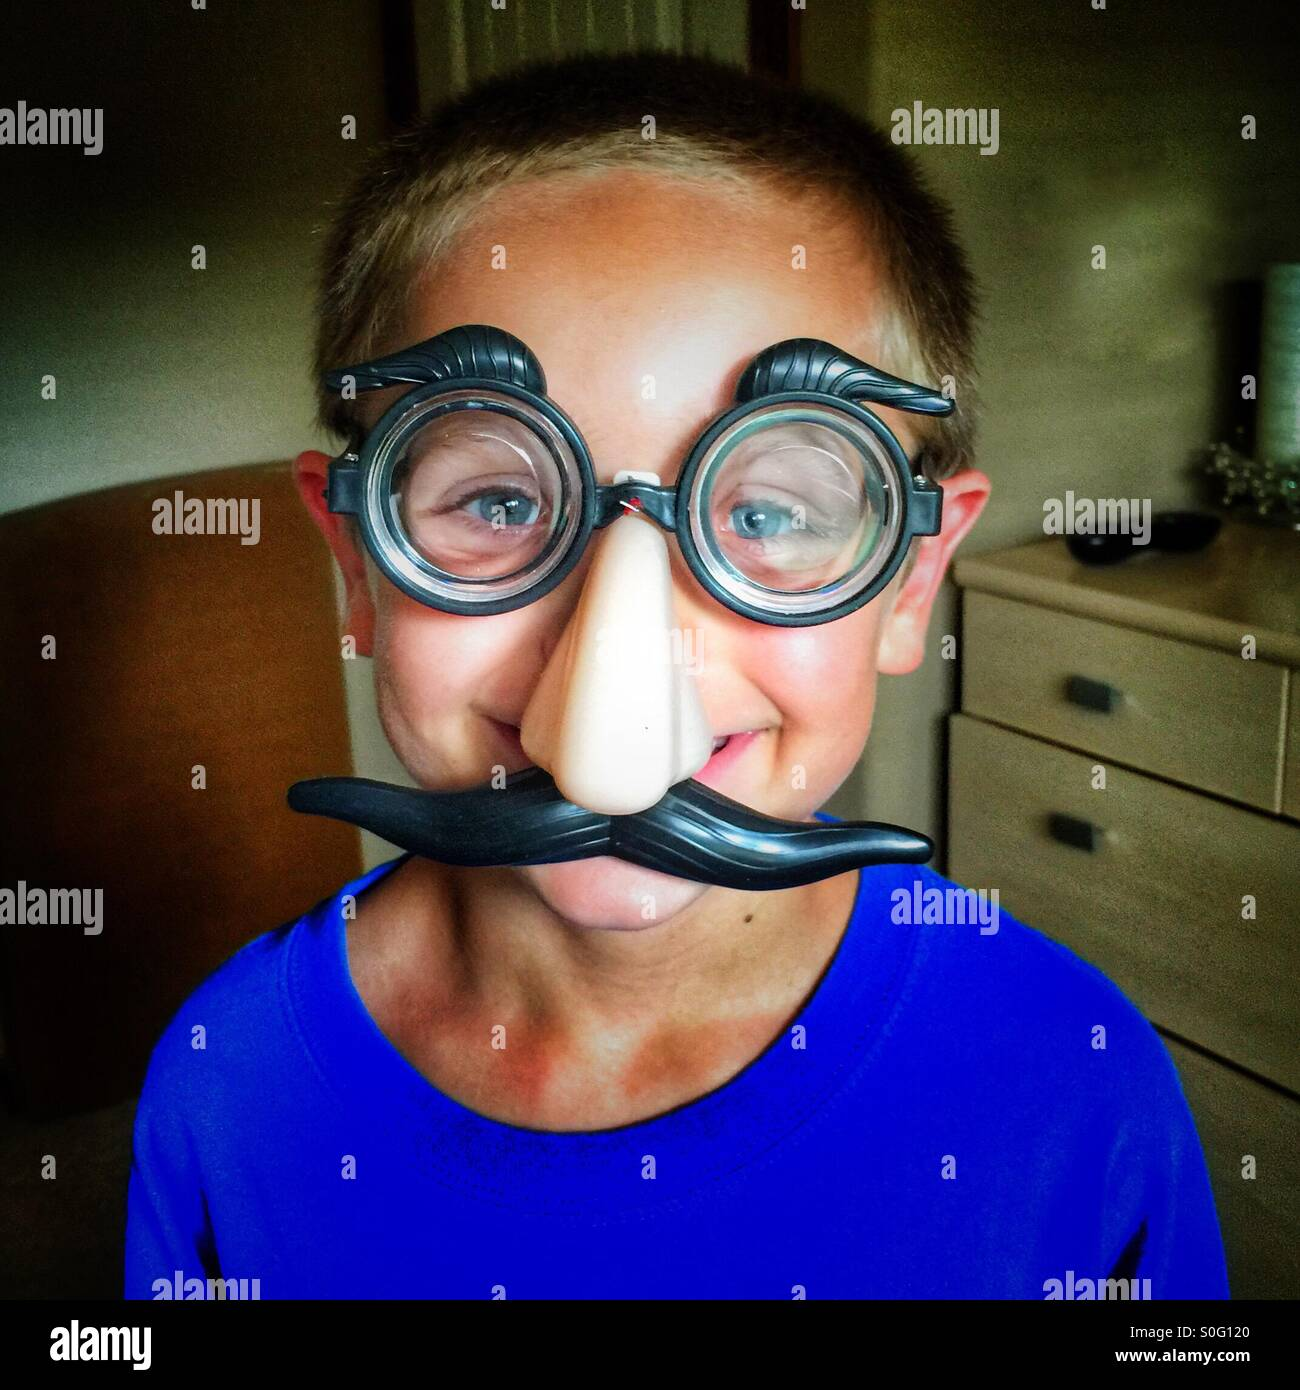 Ragazzo che indossa una maschera divertente con gli occhiali, il naso e i baffi Immagini Stock